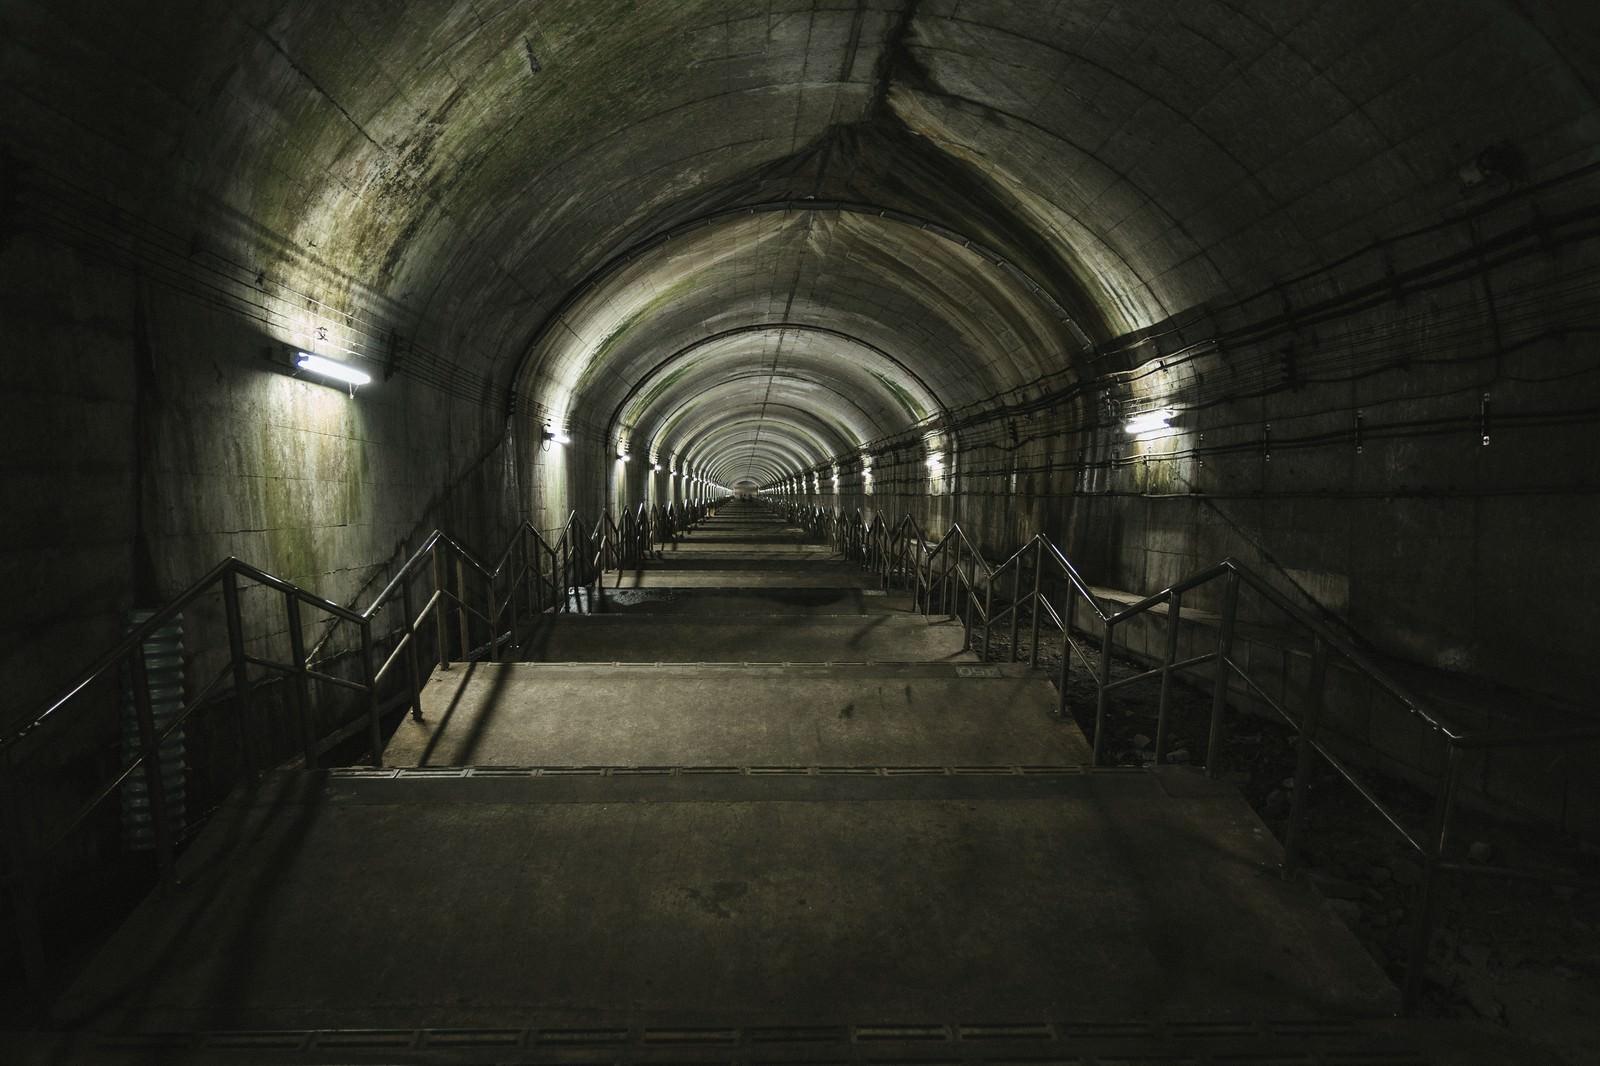 「下るのに10分以上かかると言われている土合駅の階段」の写真